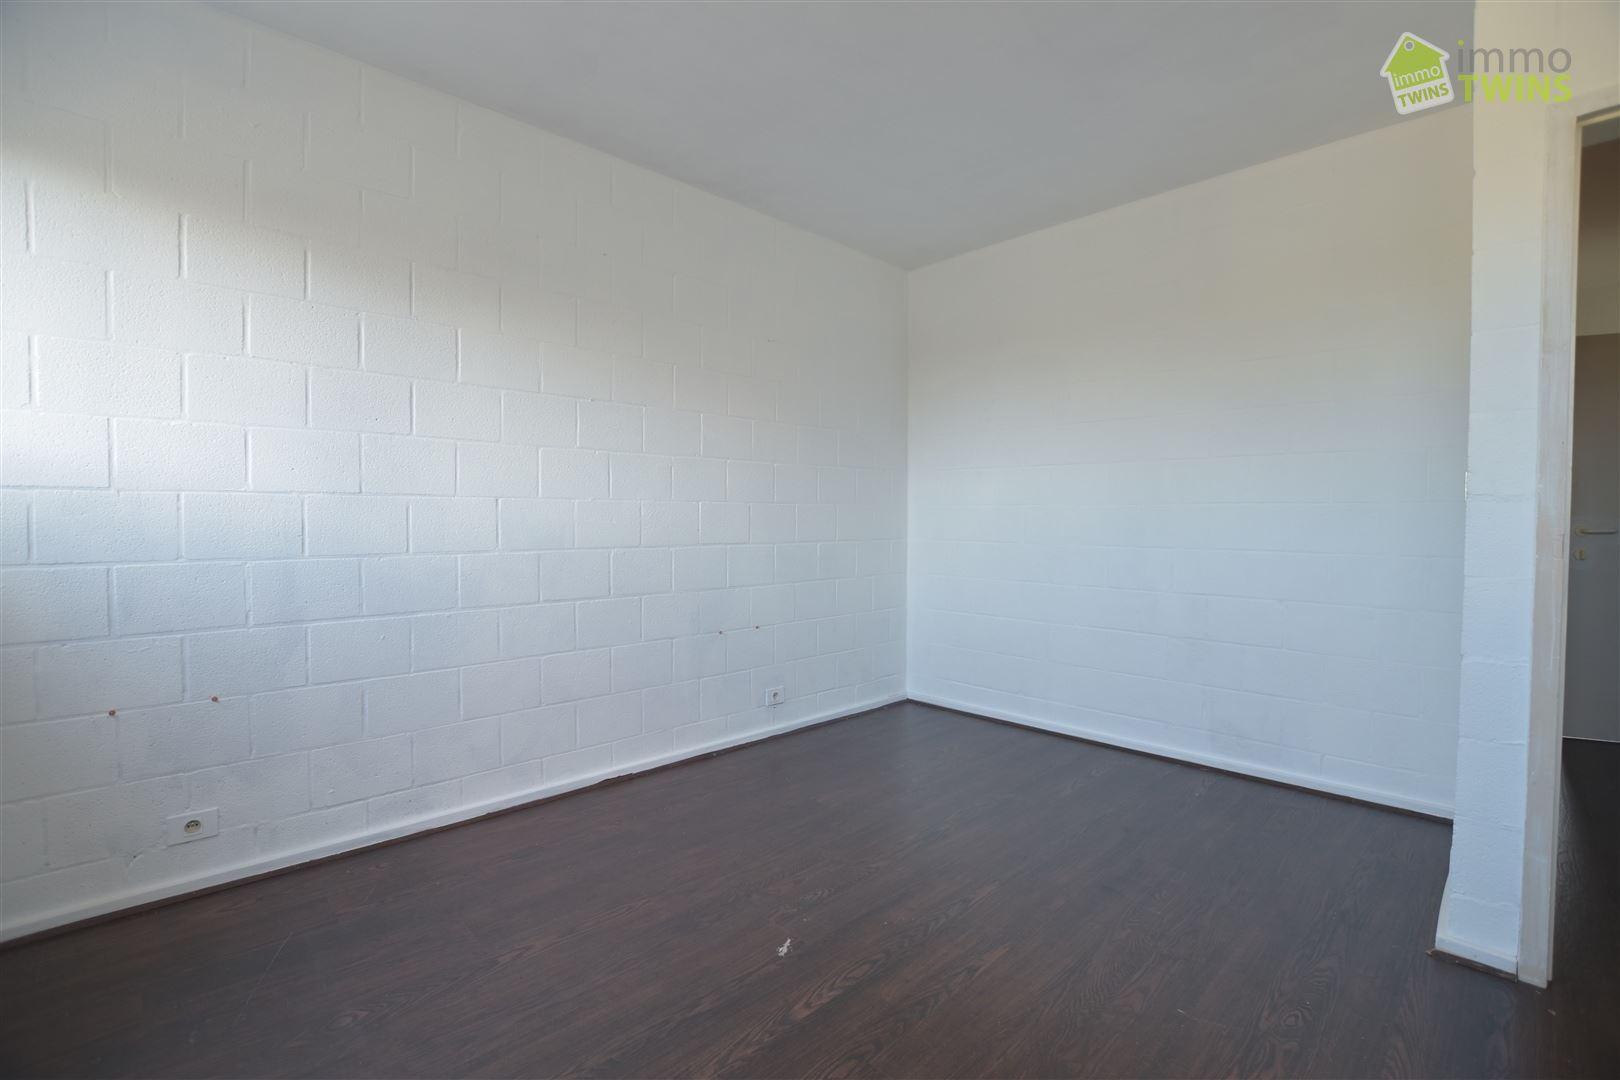 Foto 17 : Duplex/triplex te 9280 LEBBEKE (België) - Prijs € 257.000